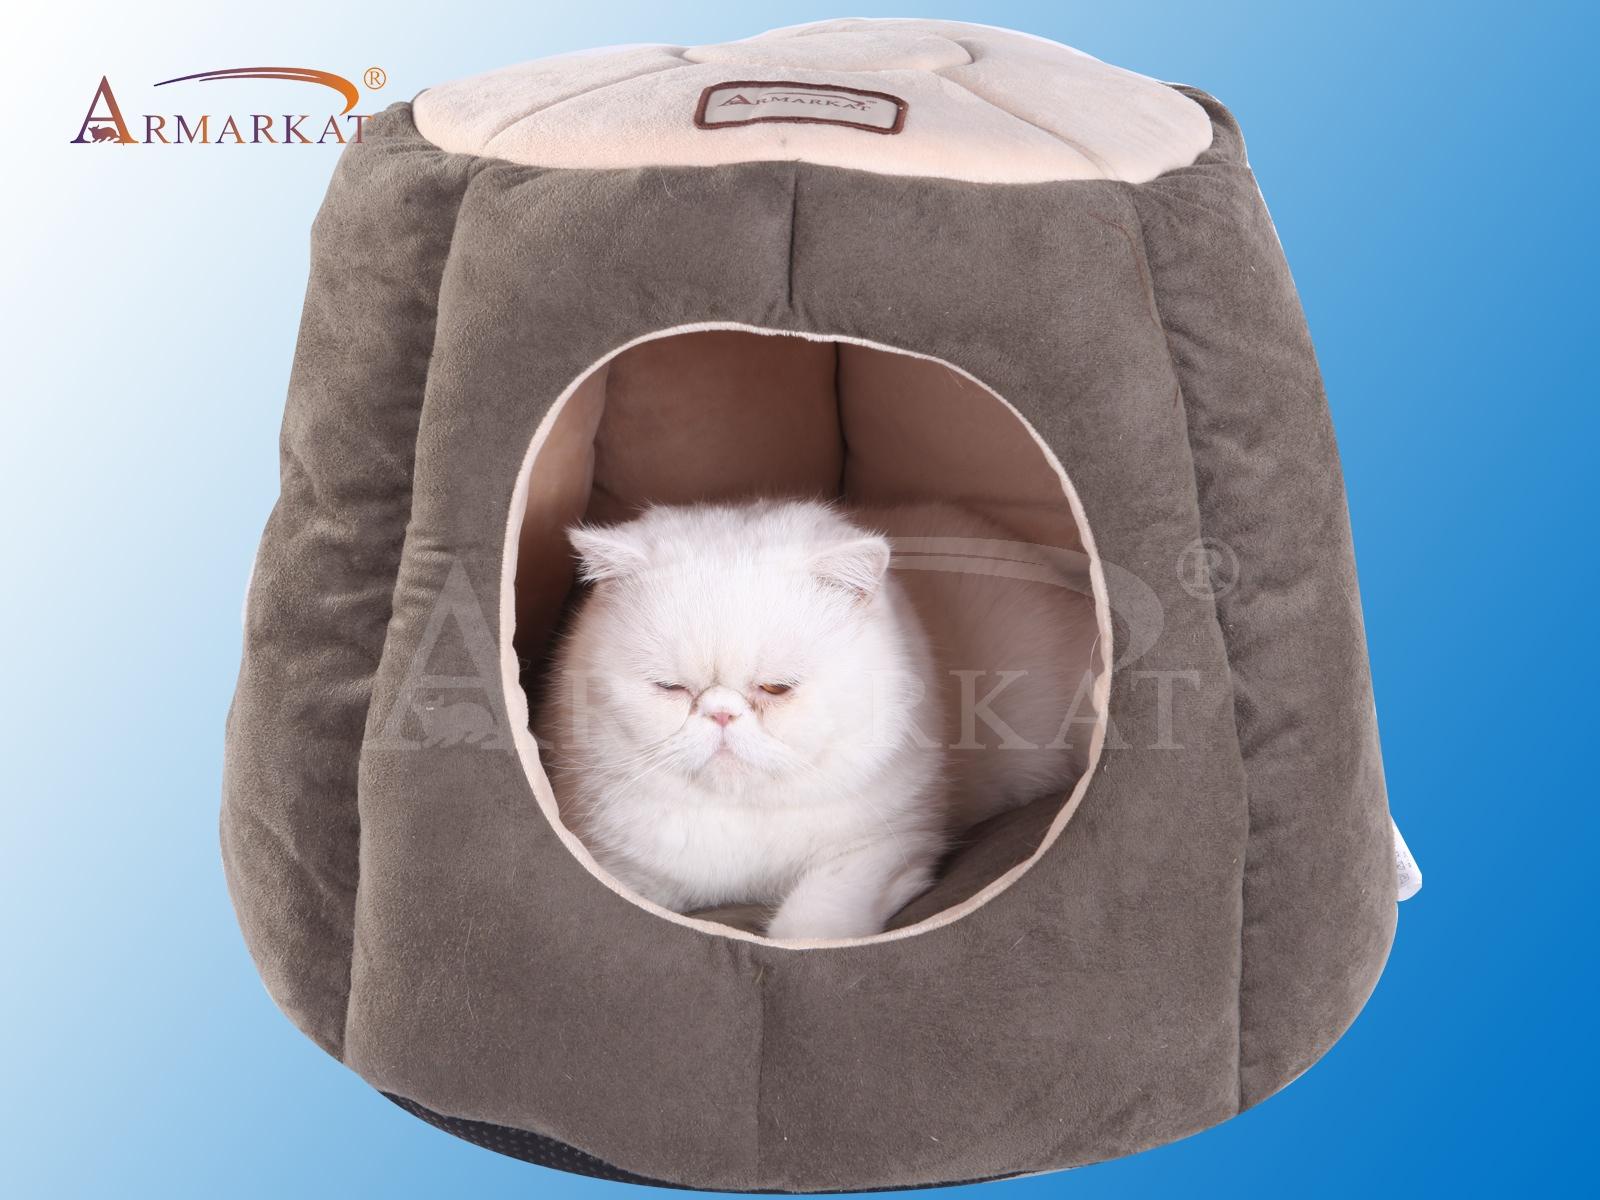 Лежанка для животных Соединенные Штаты armarkat Эмма полузакрытых Кей и кошка кровати толстый теплый Кошкин дом зимний Национальный Бесплатная доставка